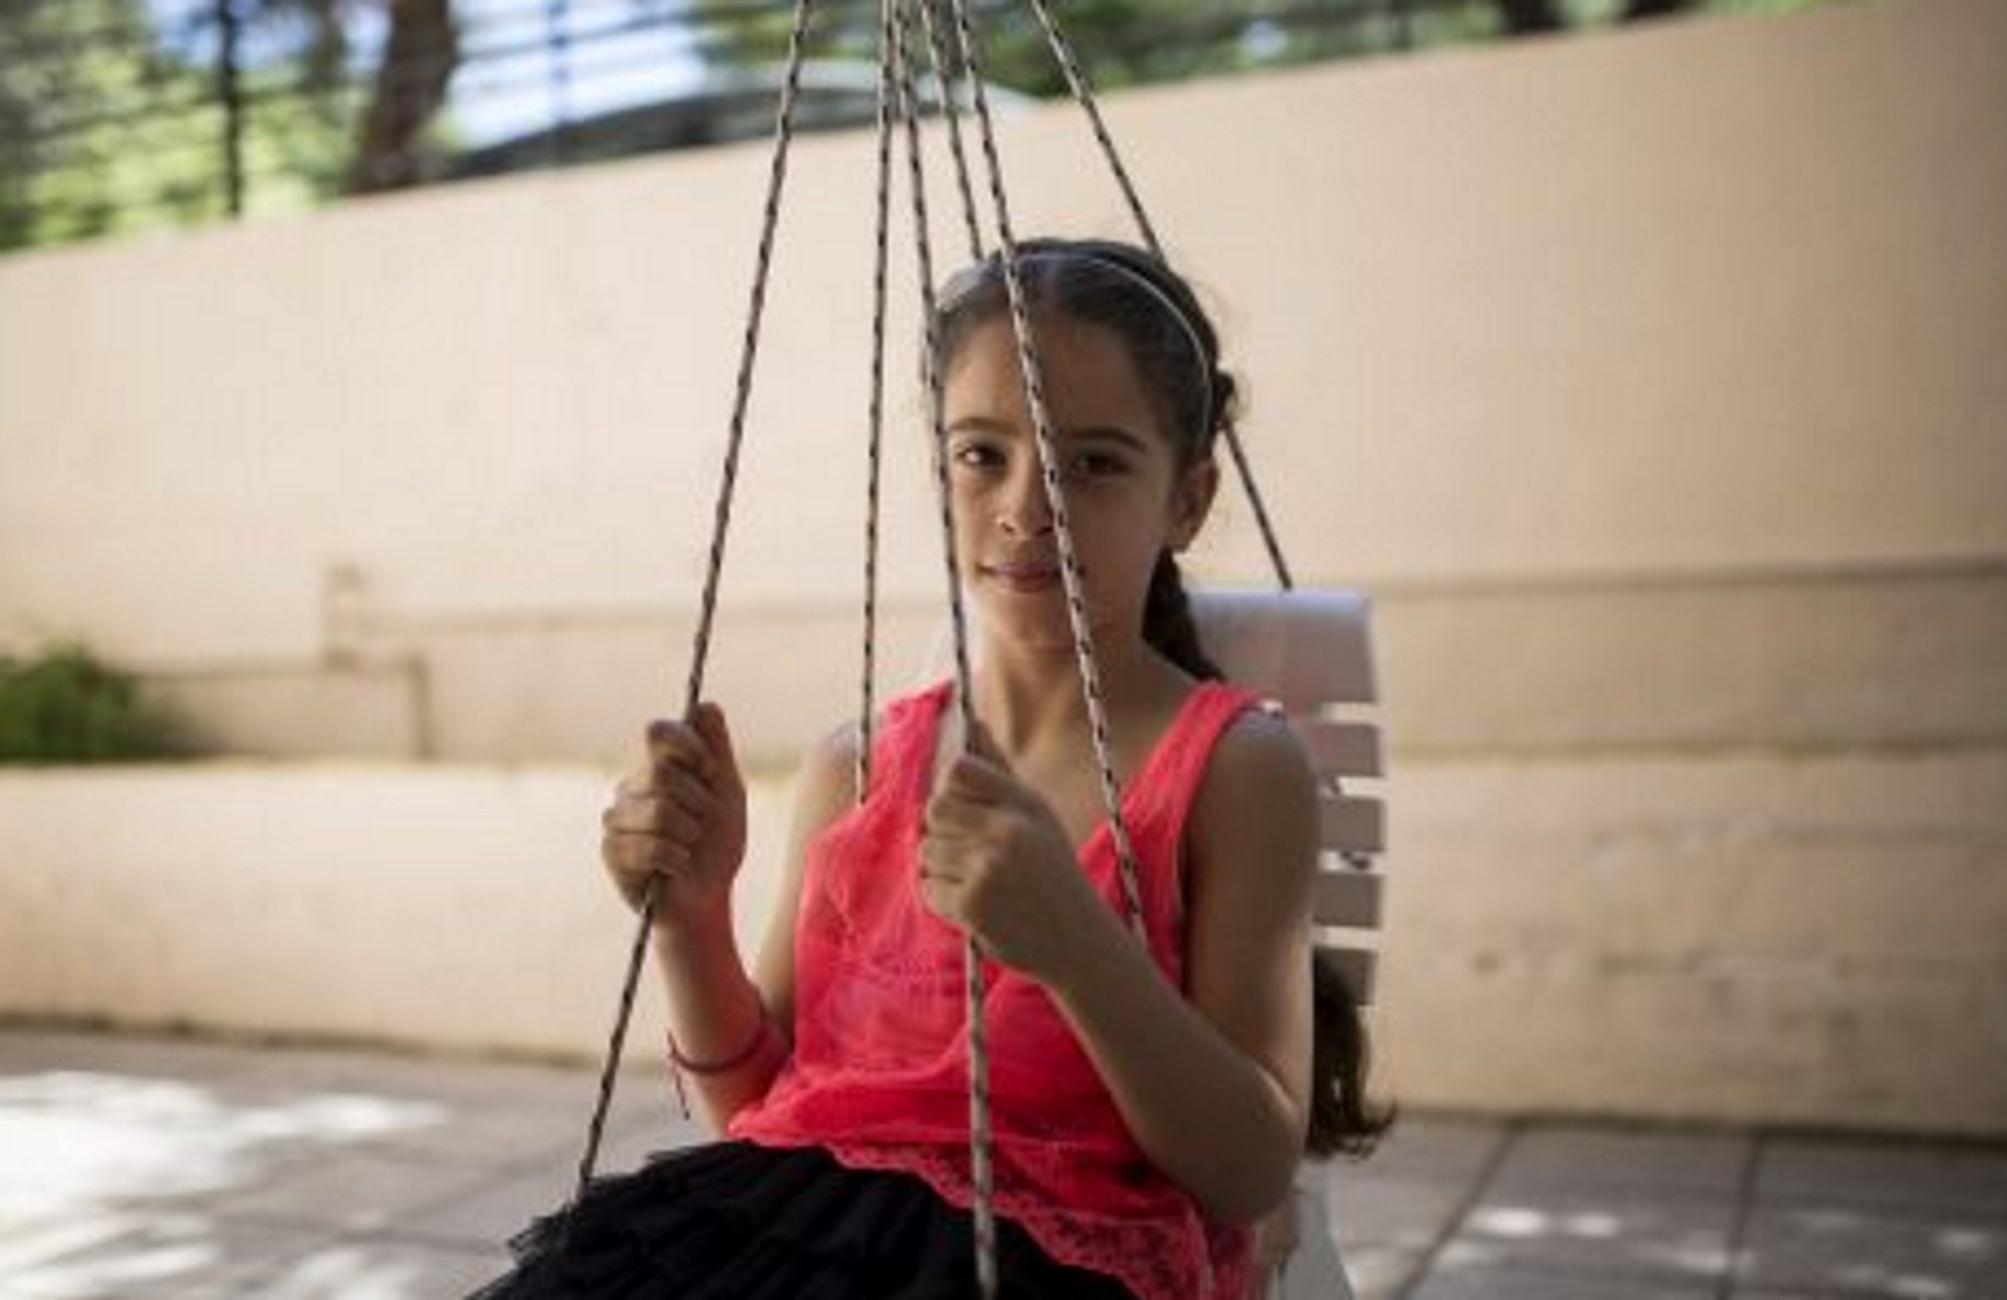 Κρήτη: Χαμογελούν ξανά και αφήνουν πίσω τη φρίκη του πολέμου! Η απόγνωση έδωσε θέση στον ενθουσιασμό (Βίντεο)